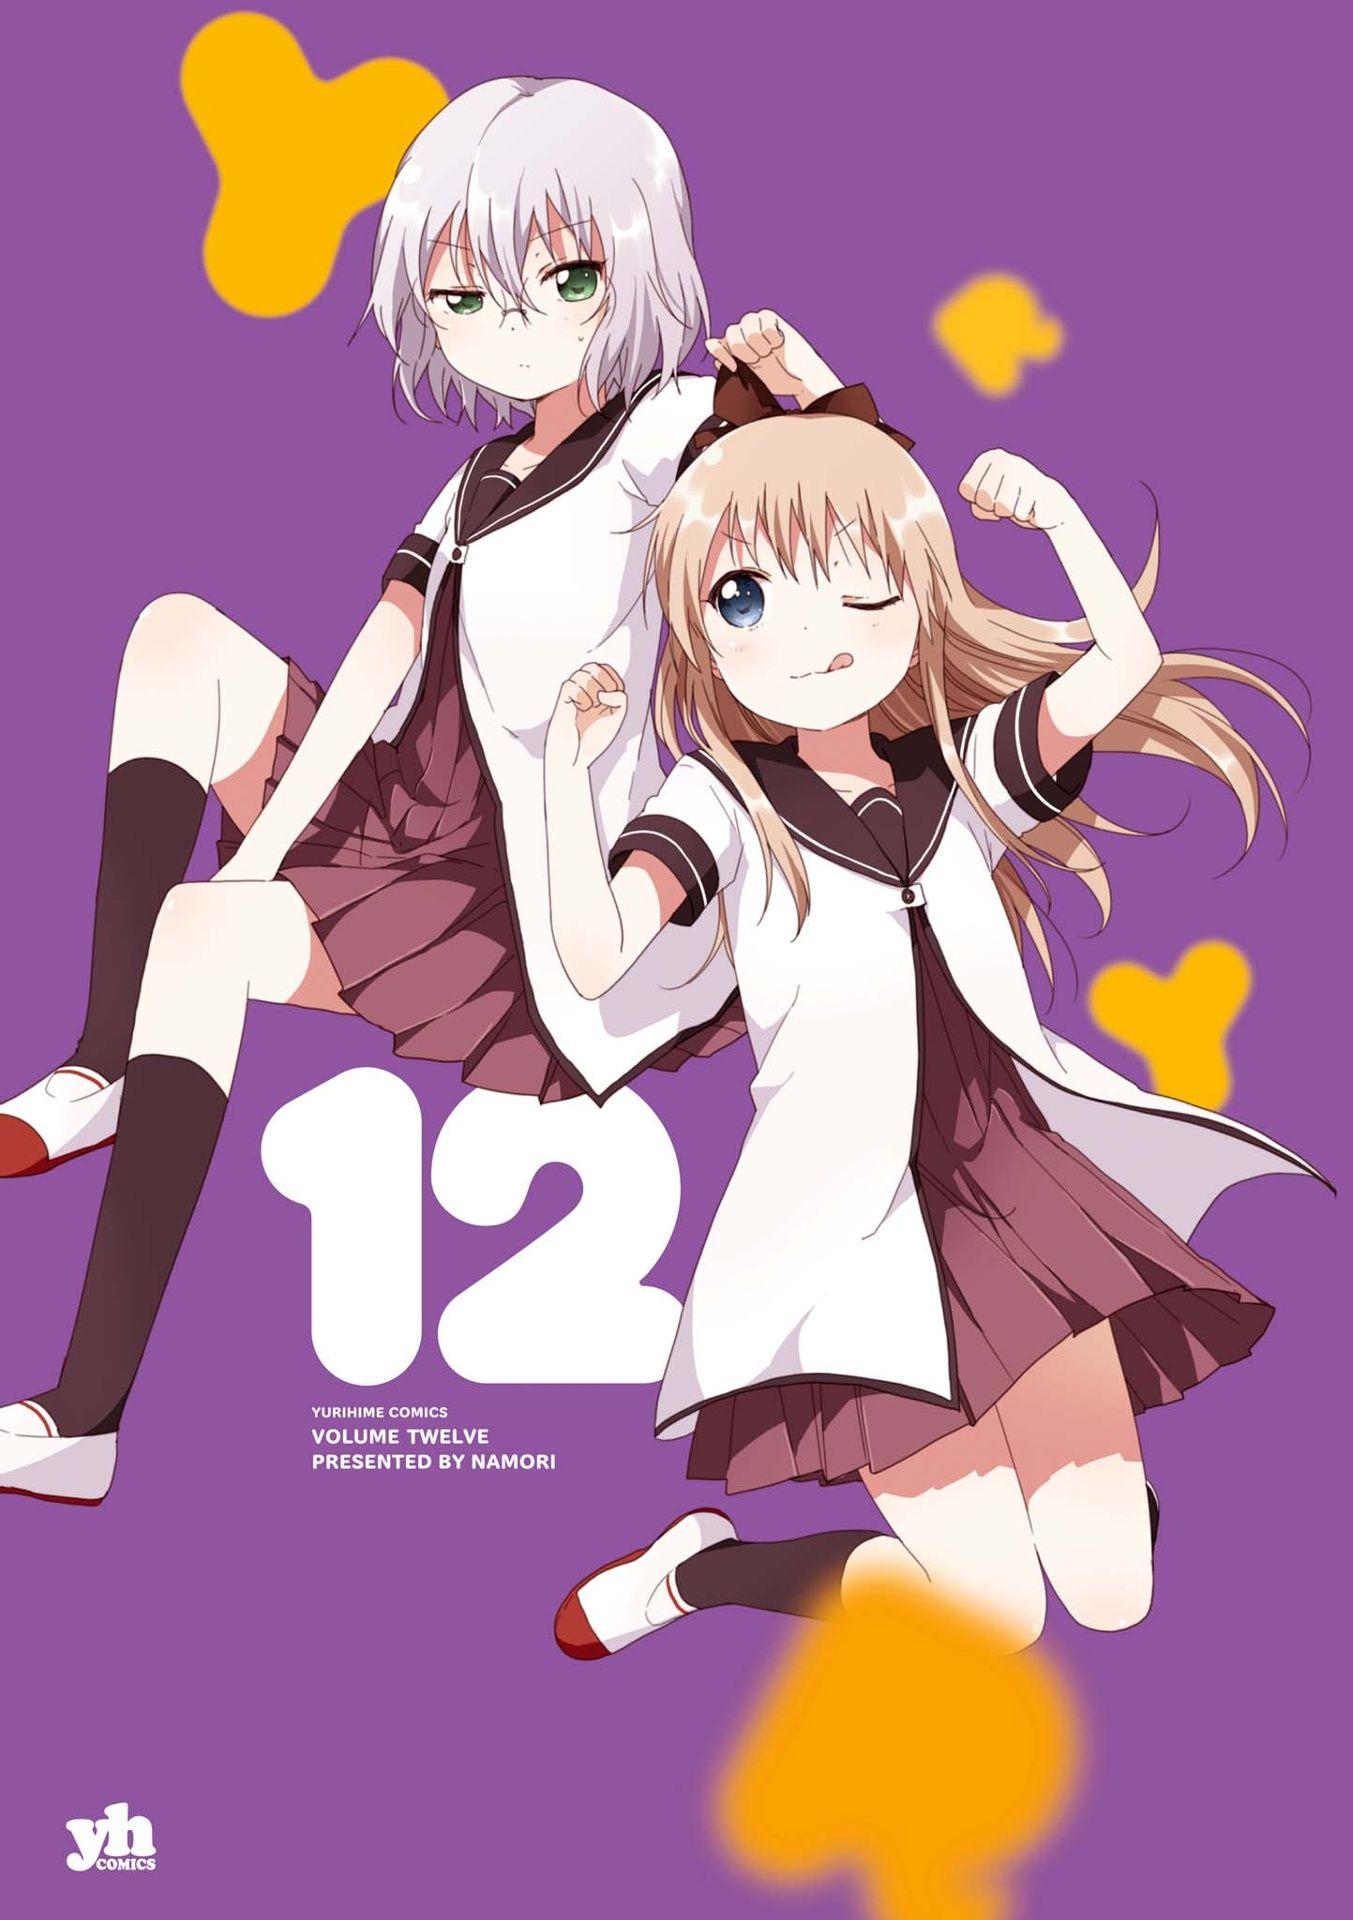 amazon co jp ゆるゆり 12 百合姫コミックス 電子書籍 なもり kindleストア イラスト ゆるゆり かわいいアニメガール